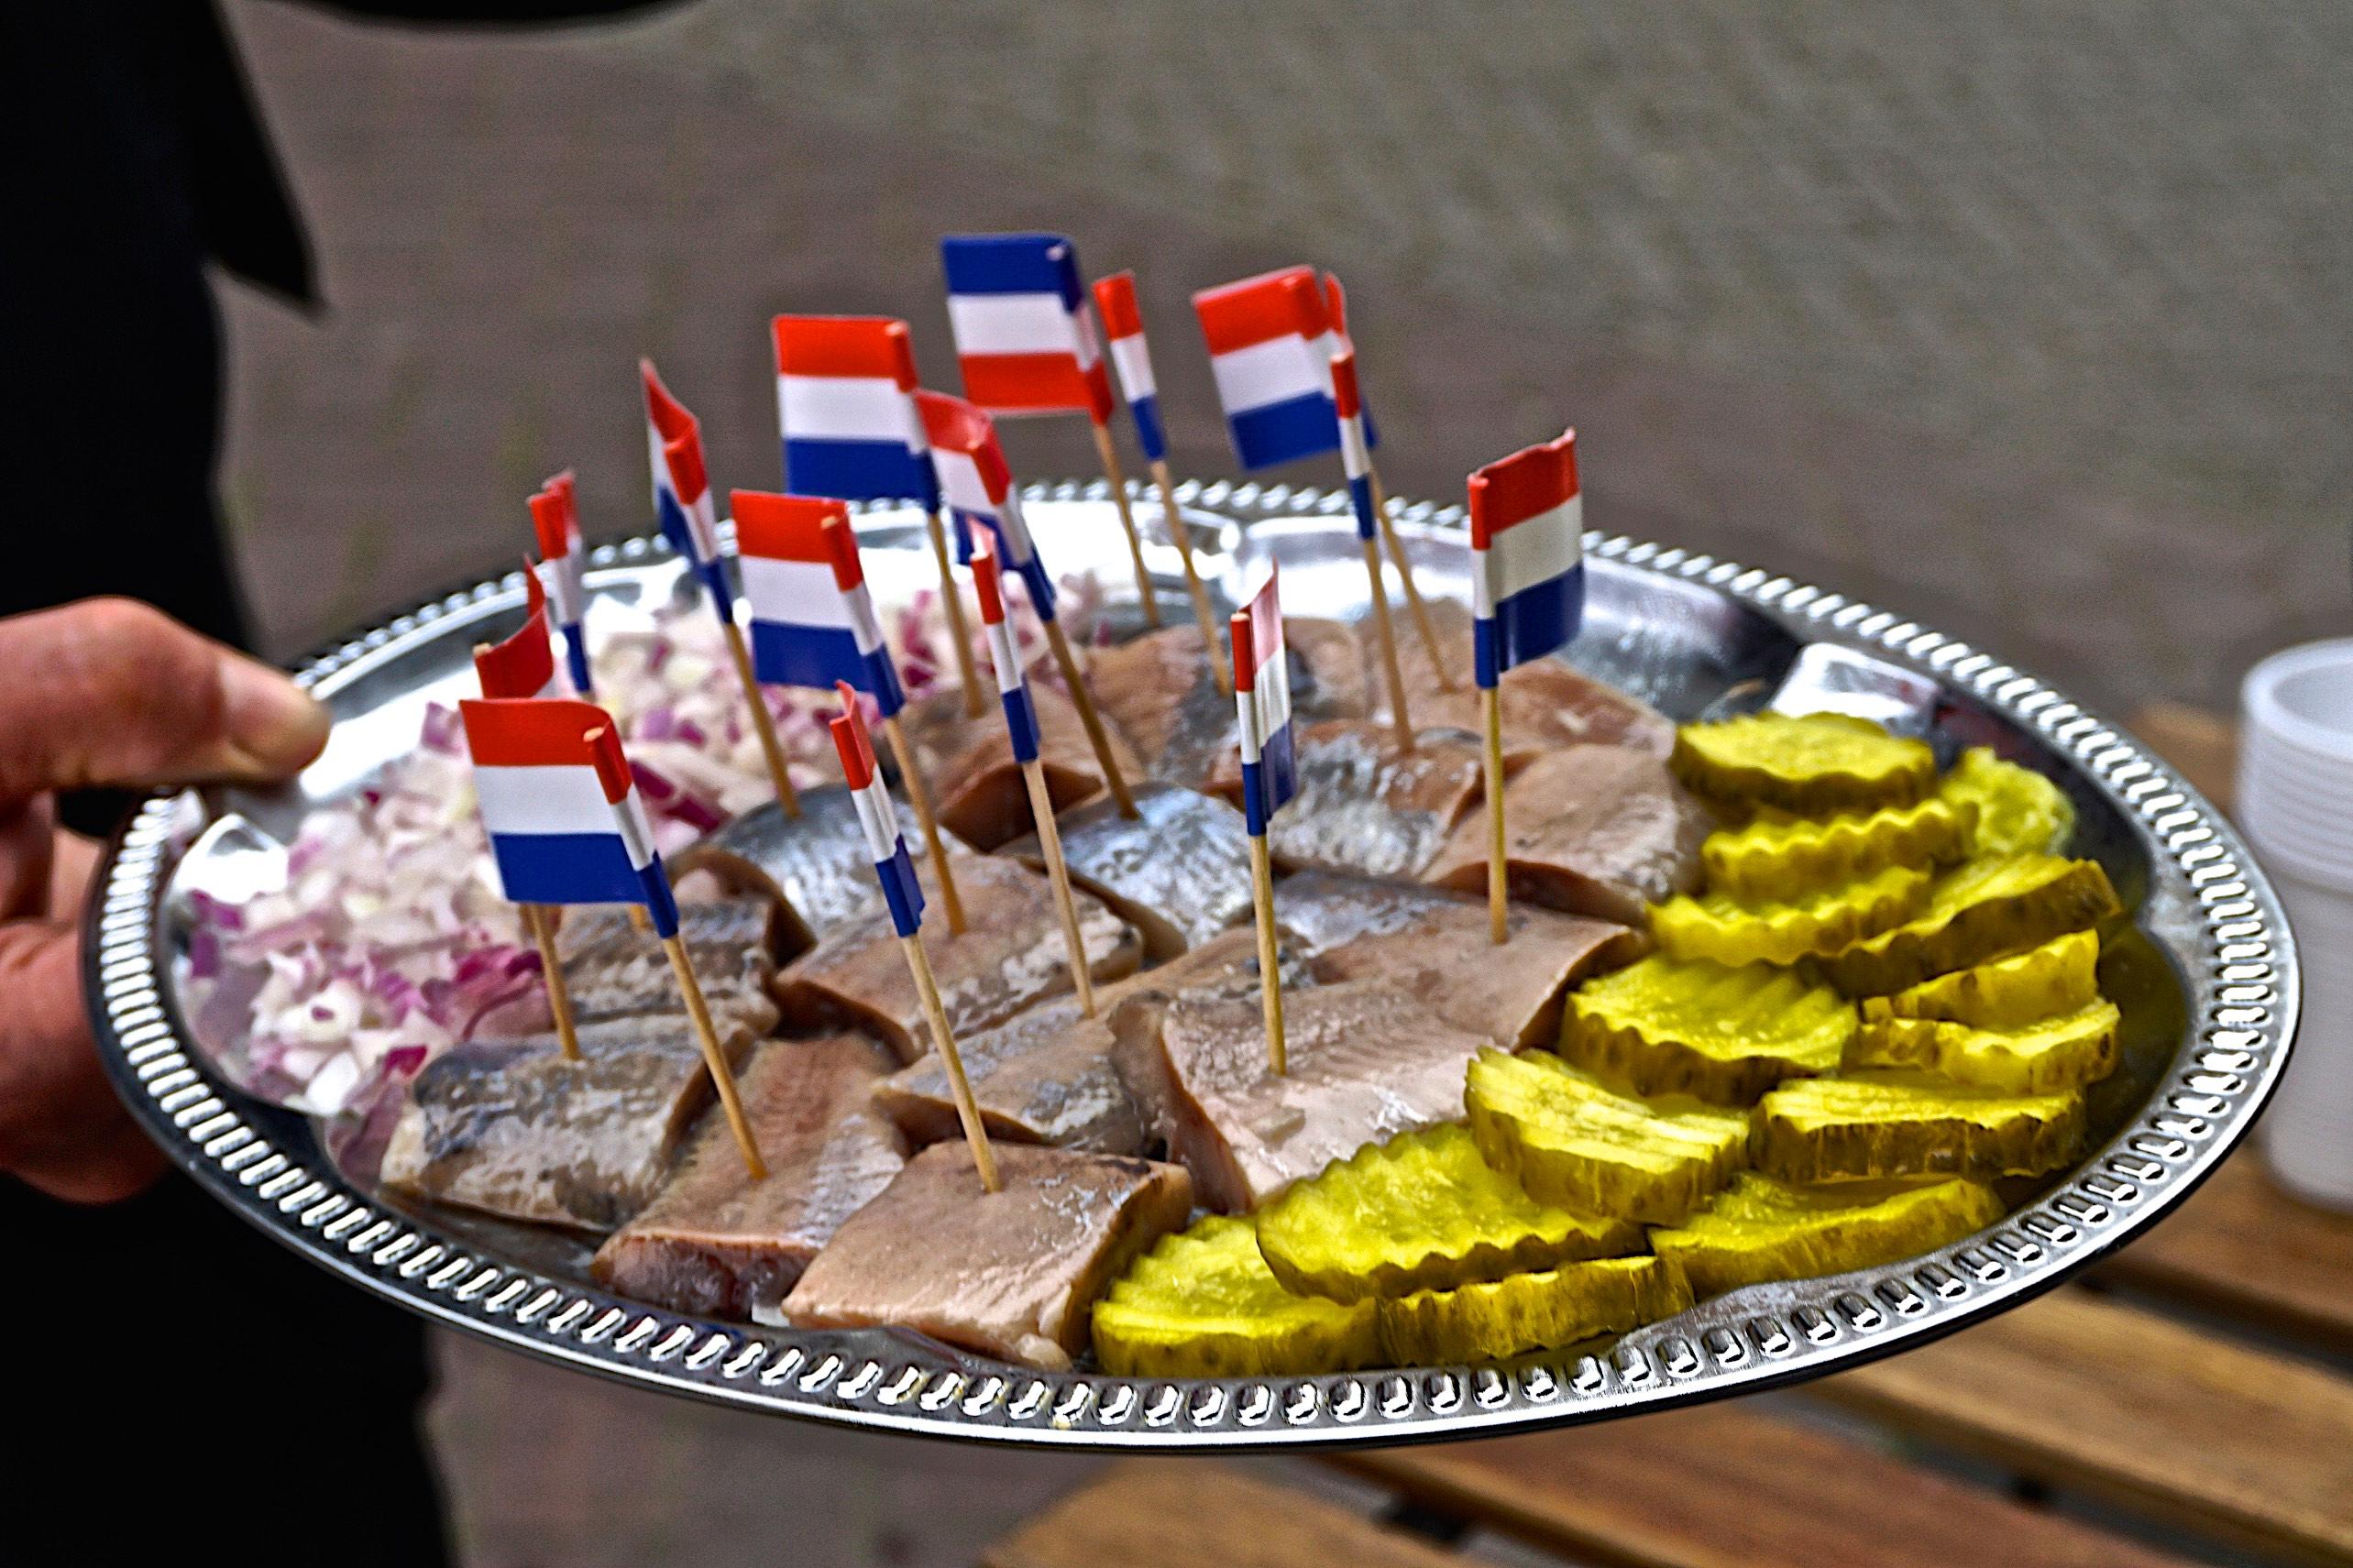 Herrings at Urkel Viswinkel, Jordaan, Amsterdam